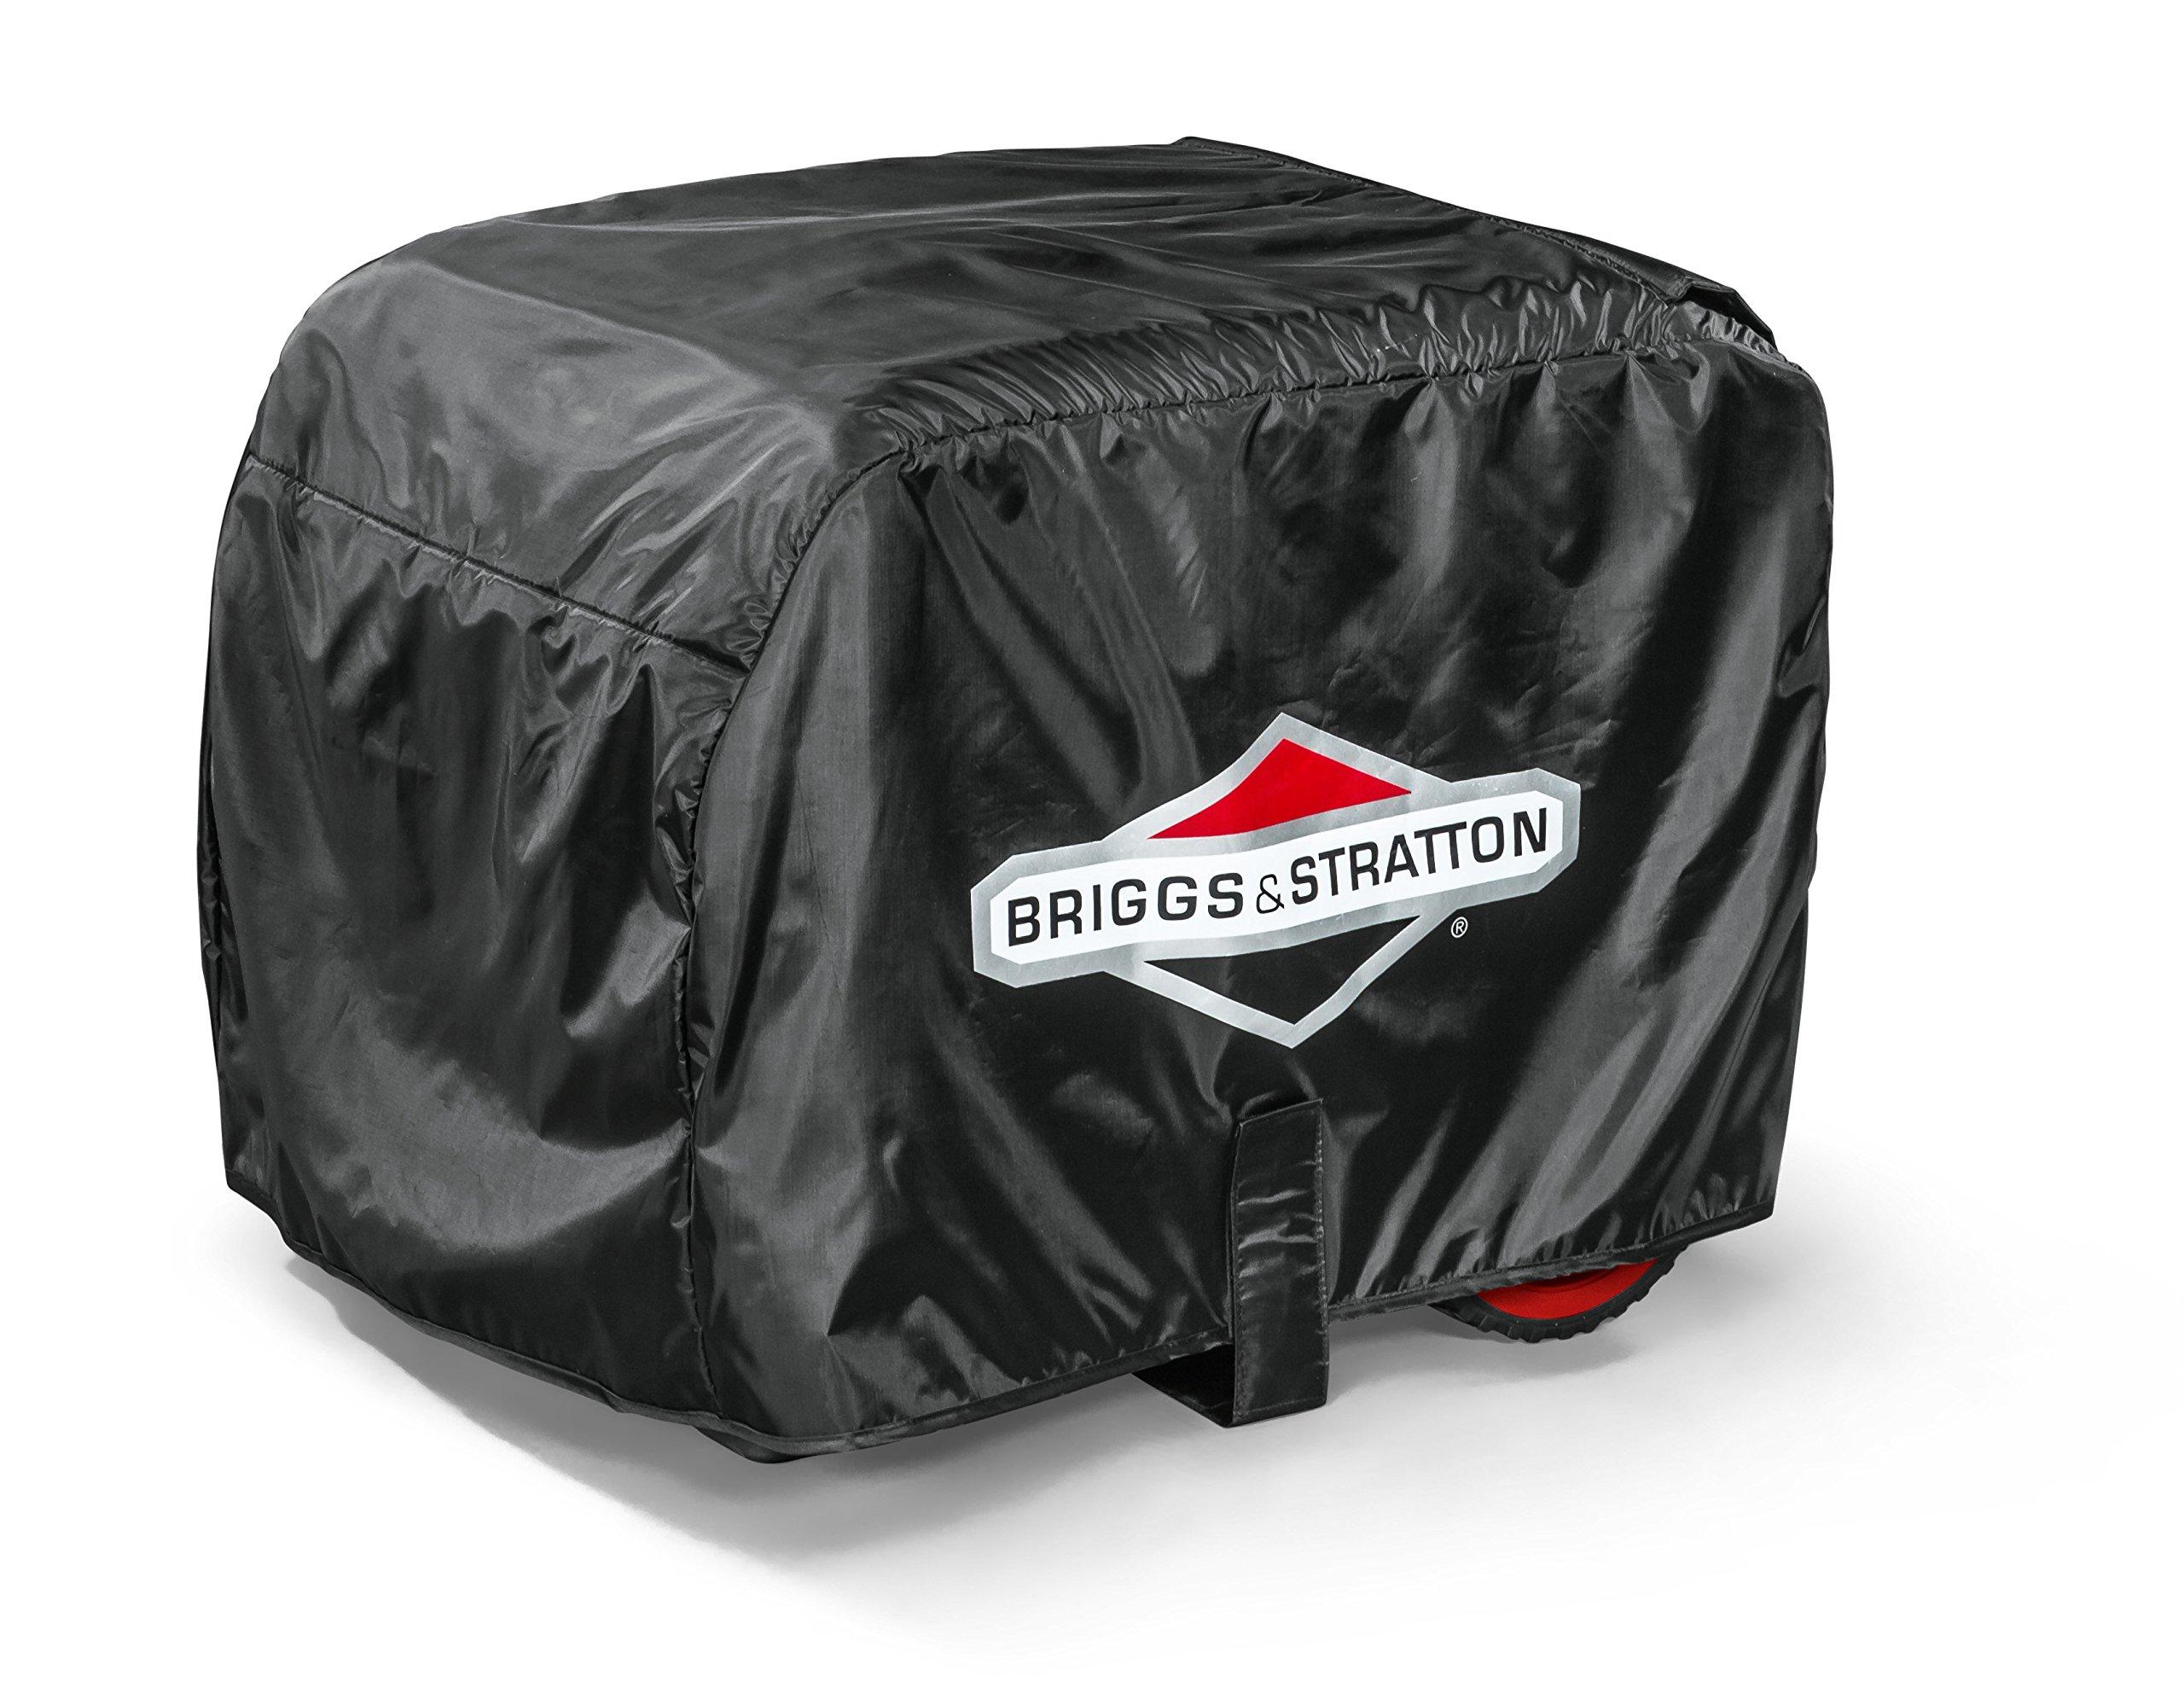 Briggs & Stratton 6496 Inverter Cover Portable Generator Accessories, Large (6500), Black by Briggs & Stratton